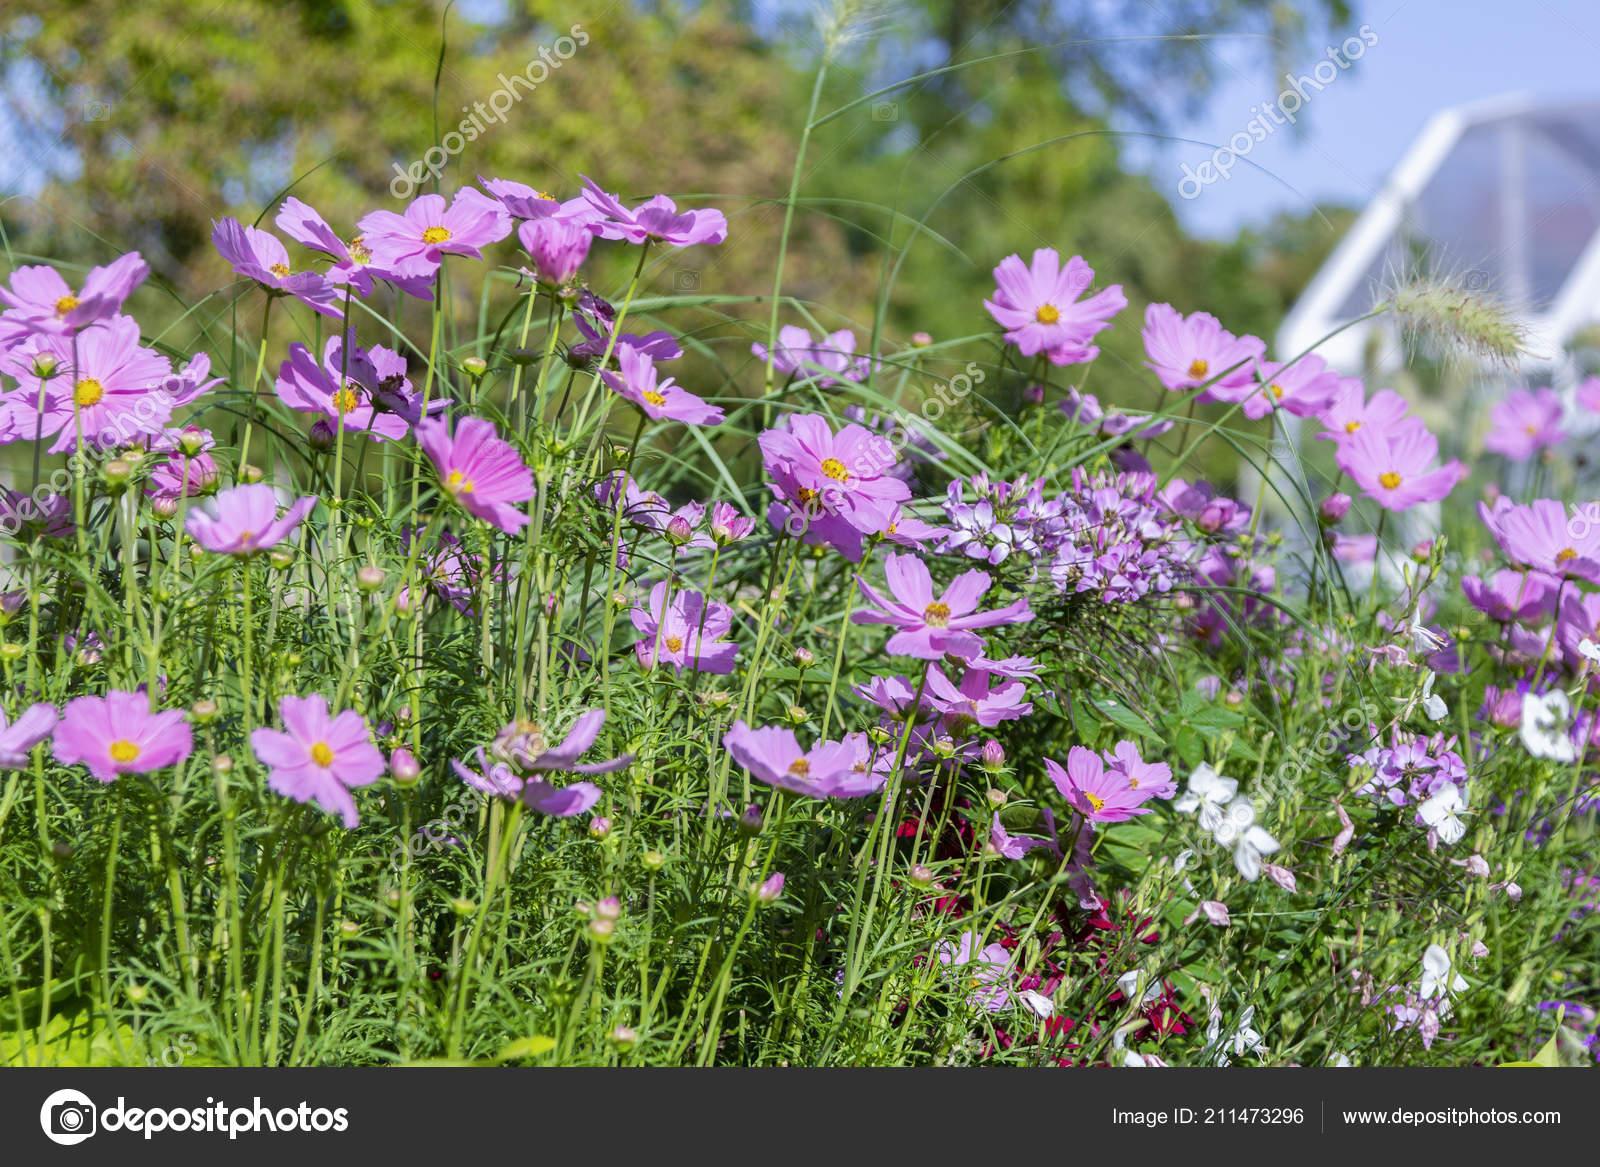 Fiore viola bianco giardino cosmo letto fiori u foto stock